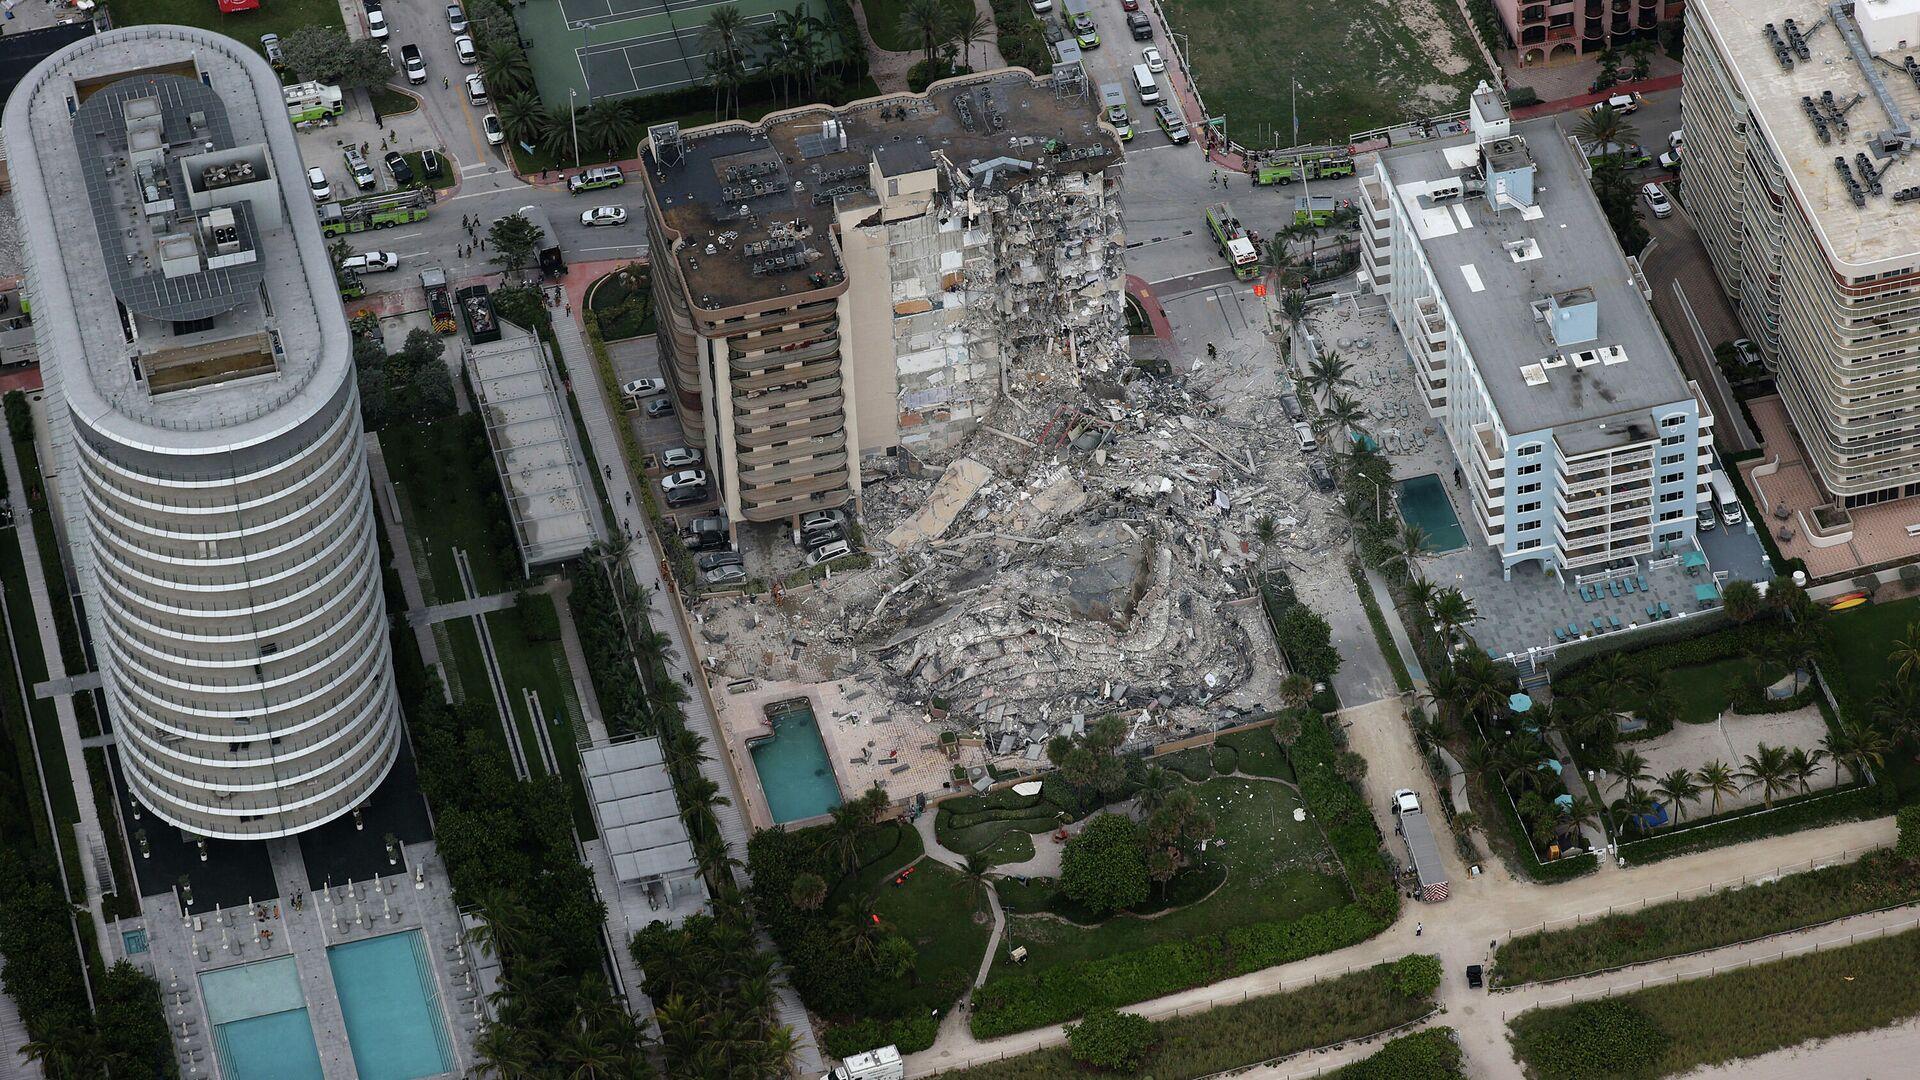 La parte trasera del edificio Champlain Towers South Condo que se derrumbó el 24 de junio, 2021 en Miami - Sputnik Mundo, 1920, 24.06.2021